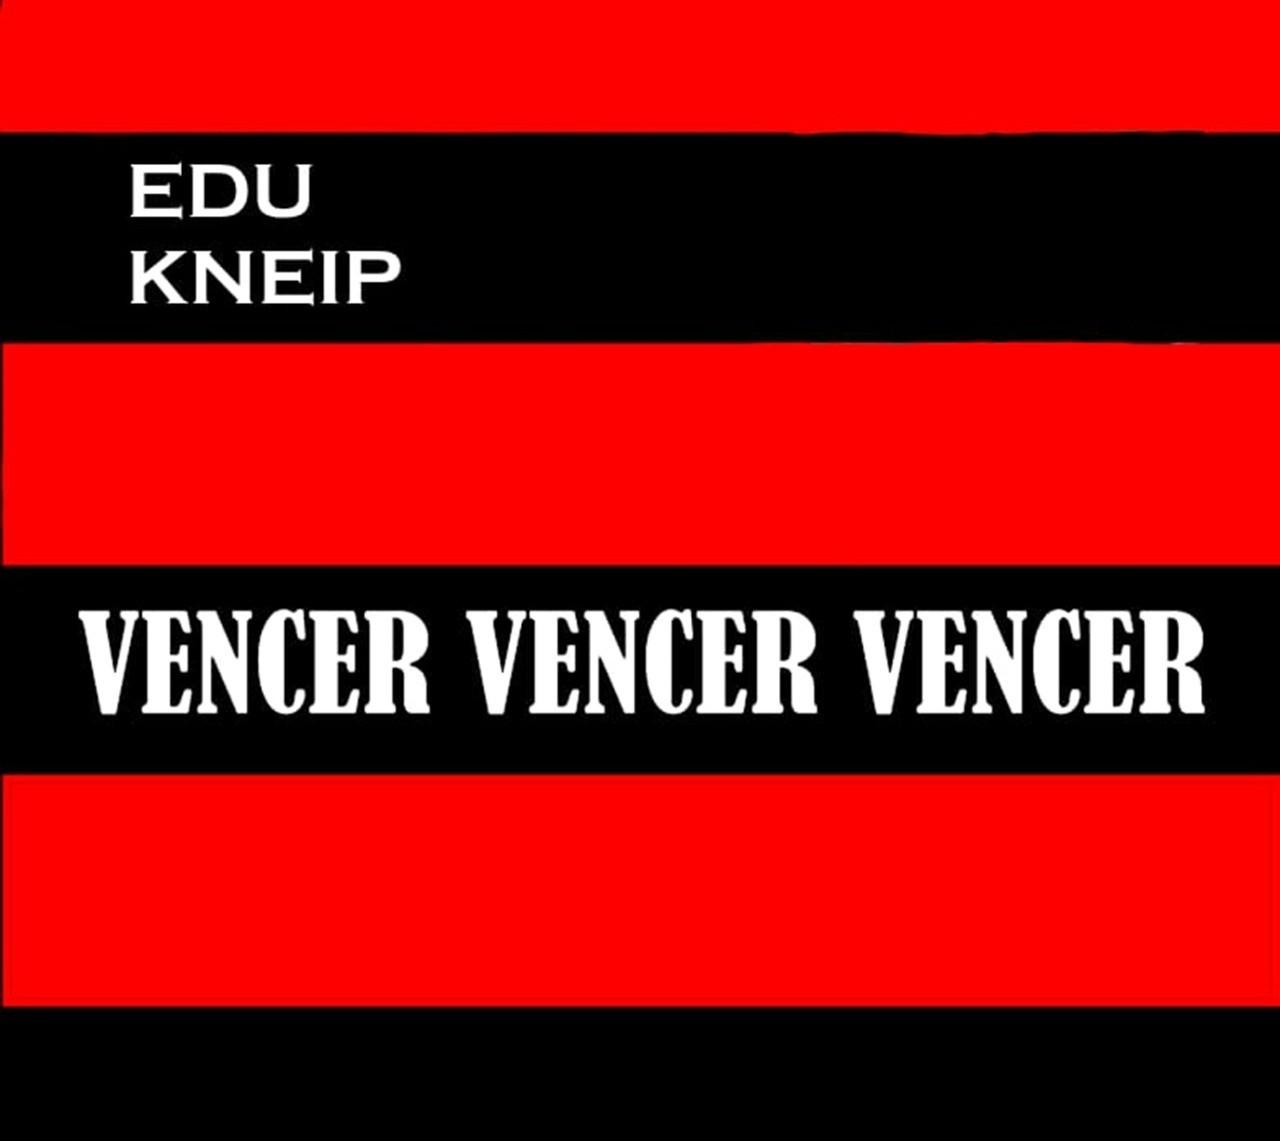 Manto Sagrado, com Edu Kneip (Cedro Rosa) - Licença para TV, Cinema e Publicidade* / License for TV, Cinema and Advertising*